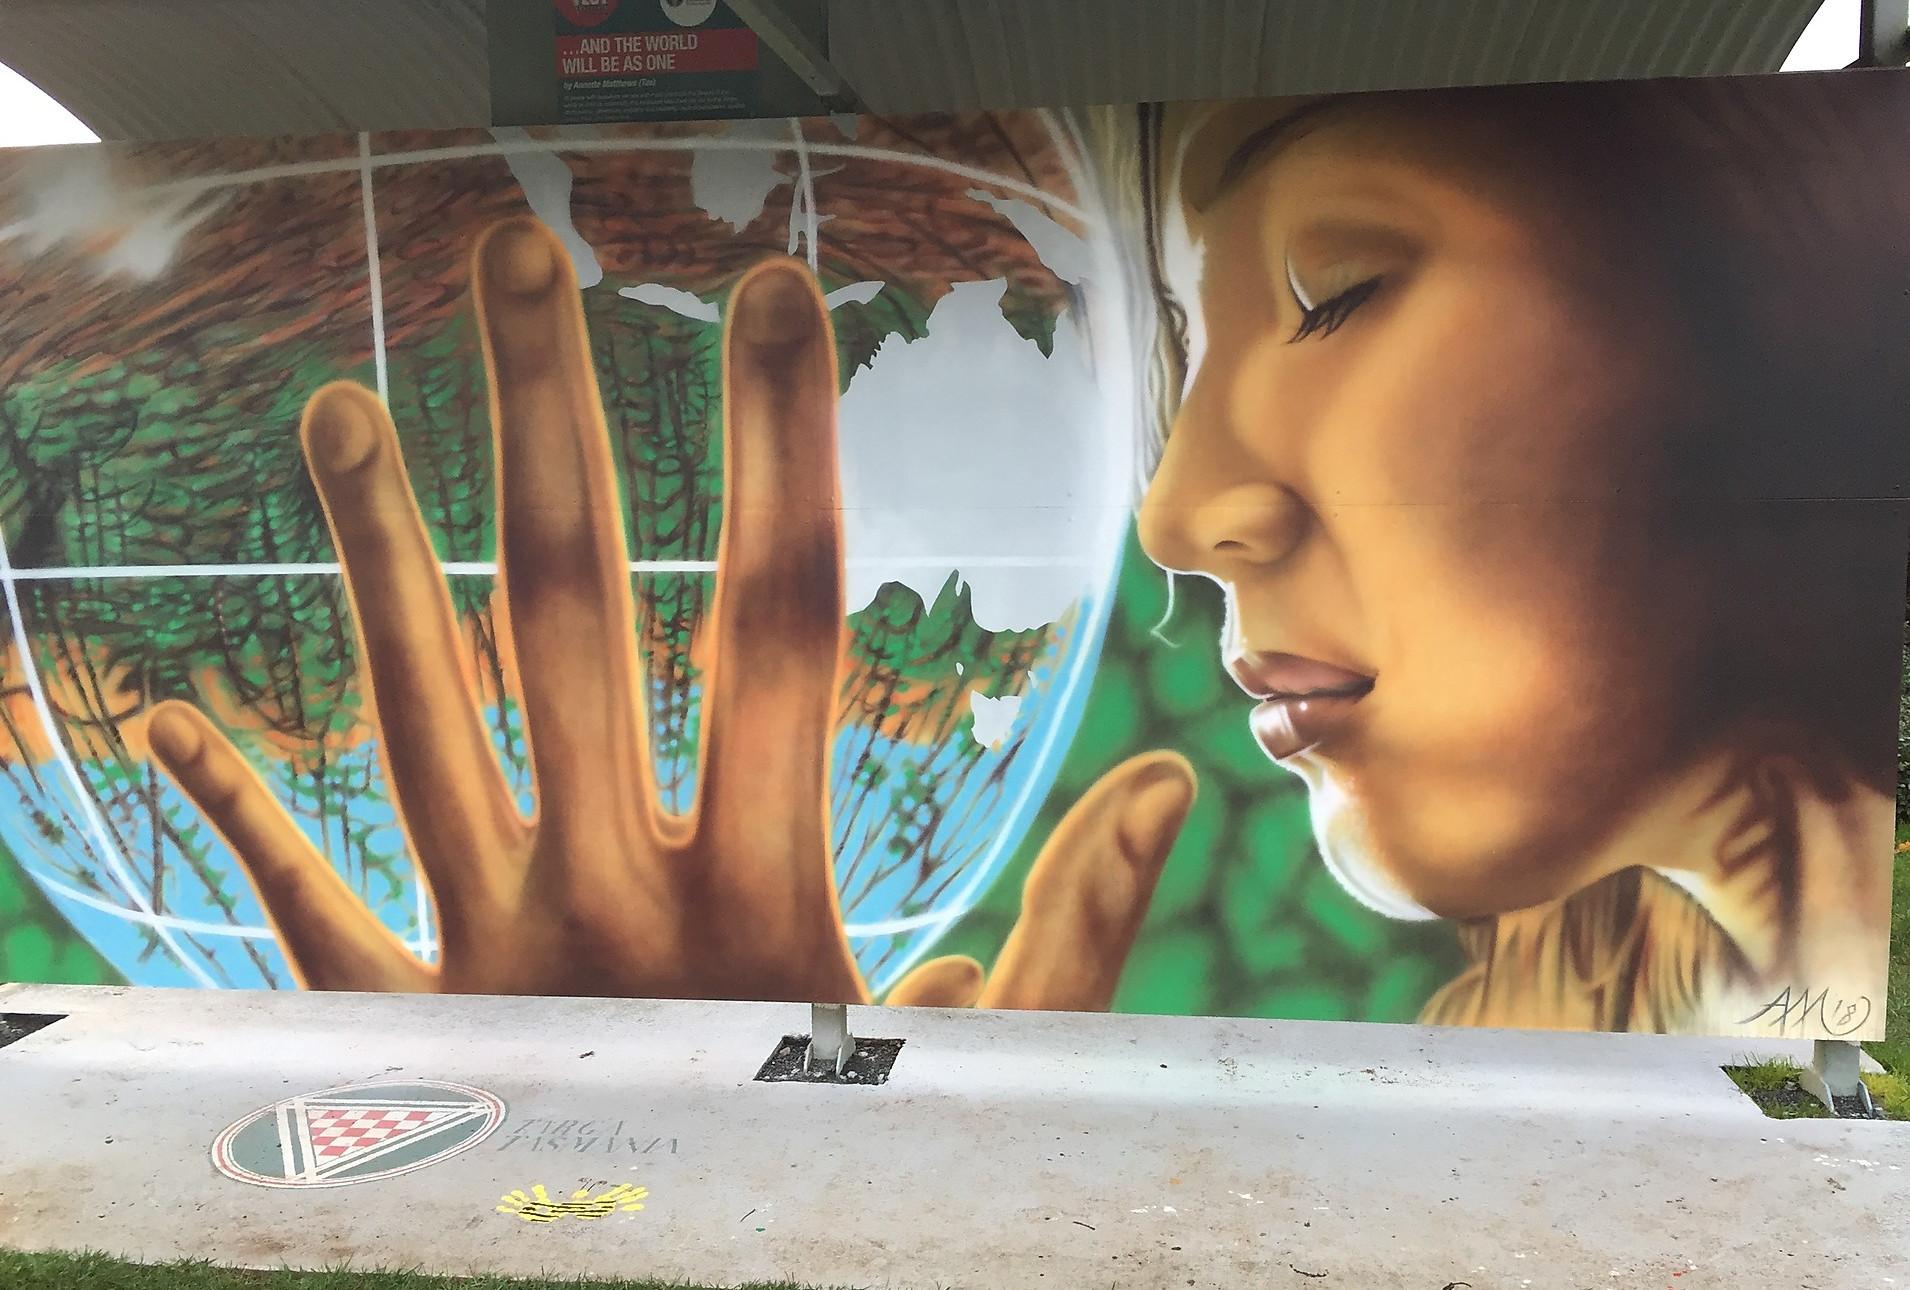 Фестиваль-конкурс картин и фресок, Шеффилд — Тасмания 2018 — Блог о путешествиях Сергея Чеботова